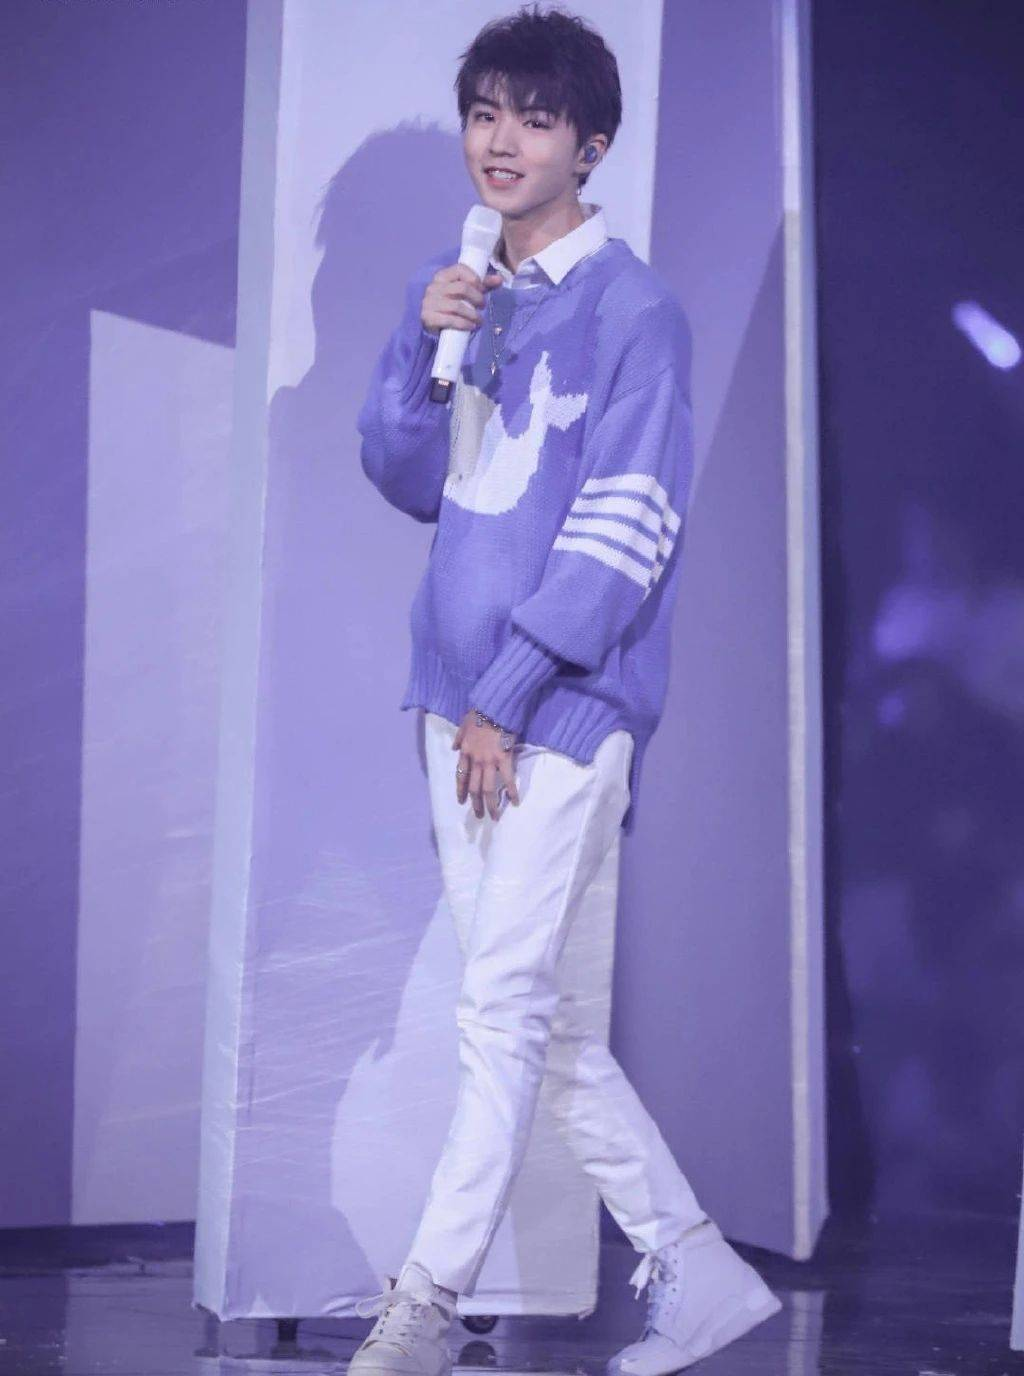 王俊凯壁纸:蓝色海豚毛衣白色裤子,给人的感觉好甜